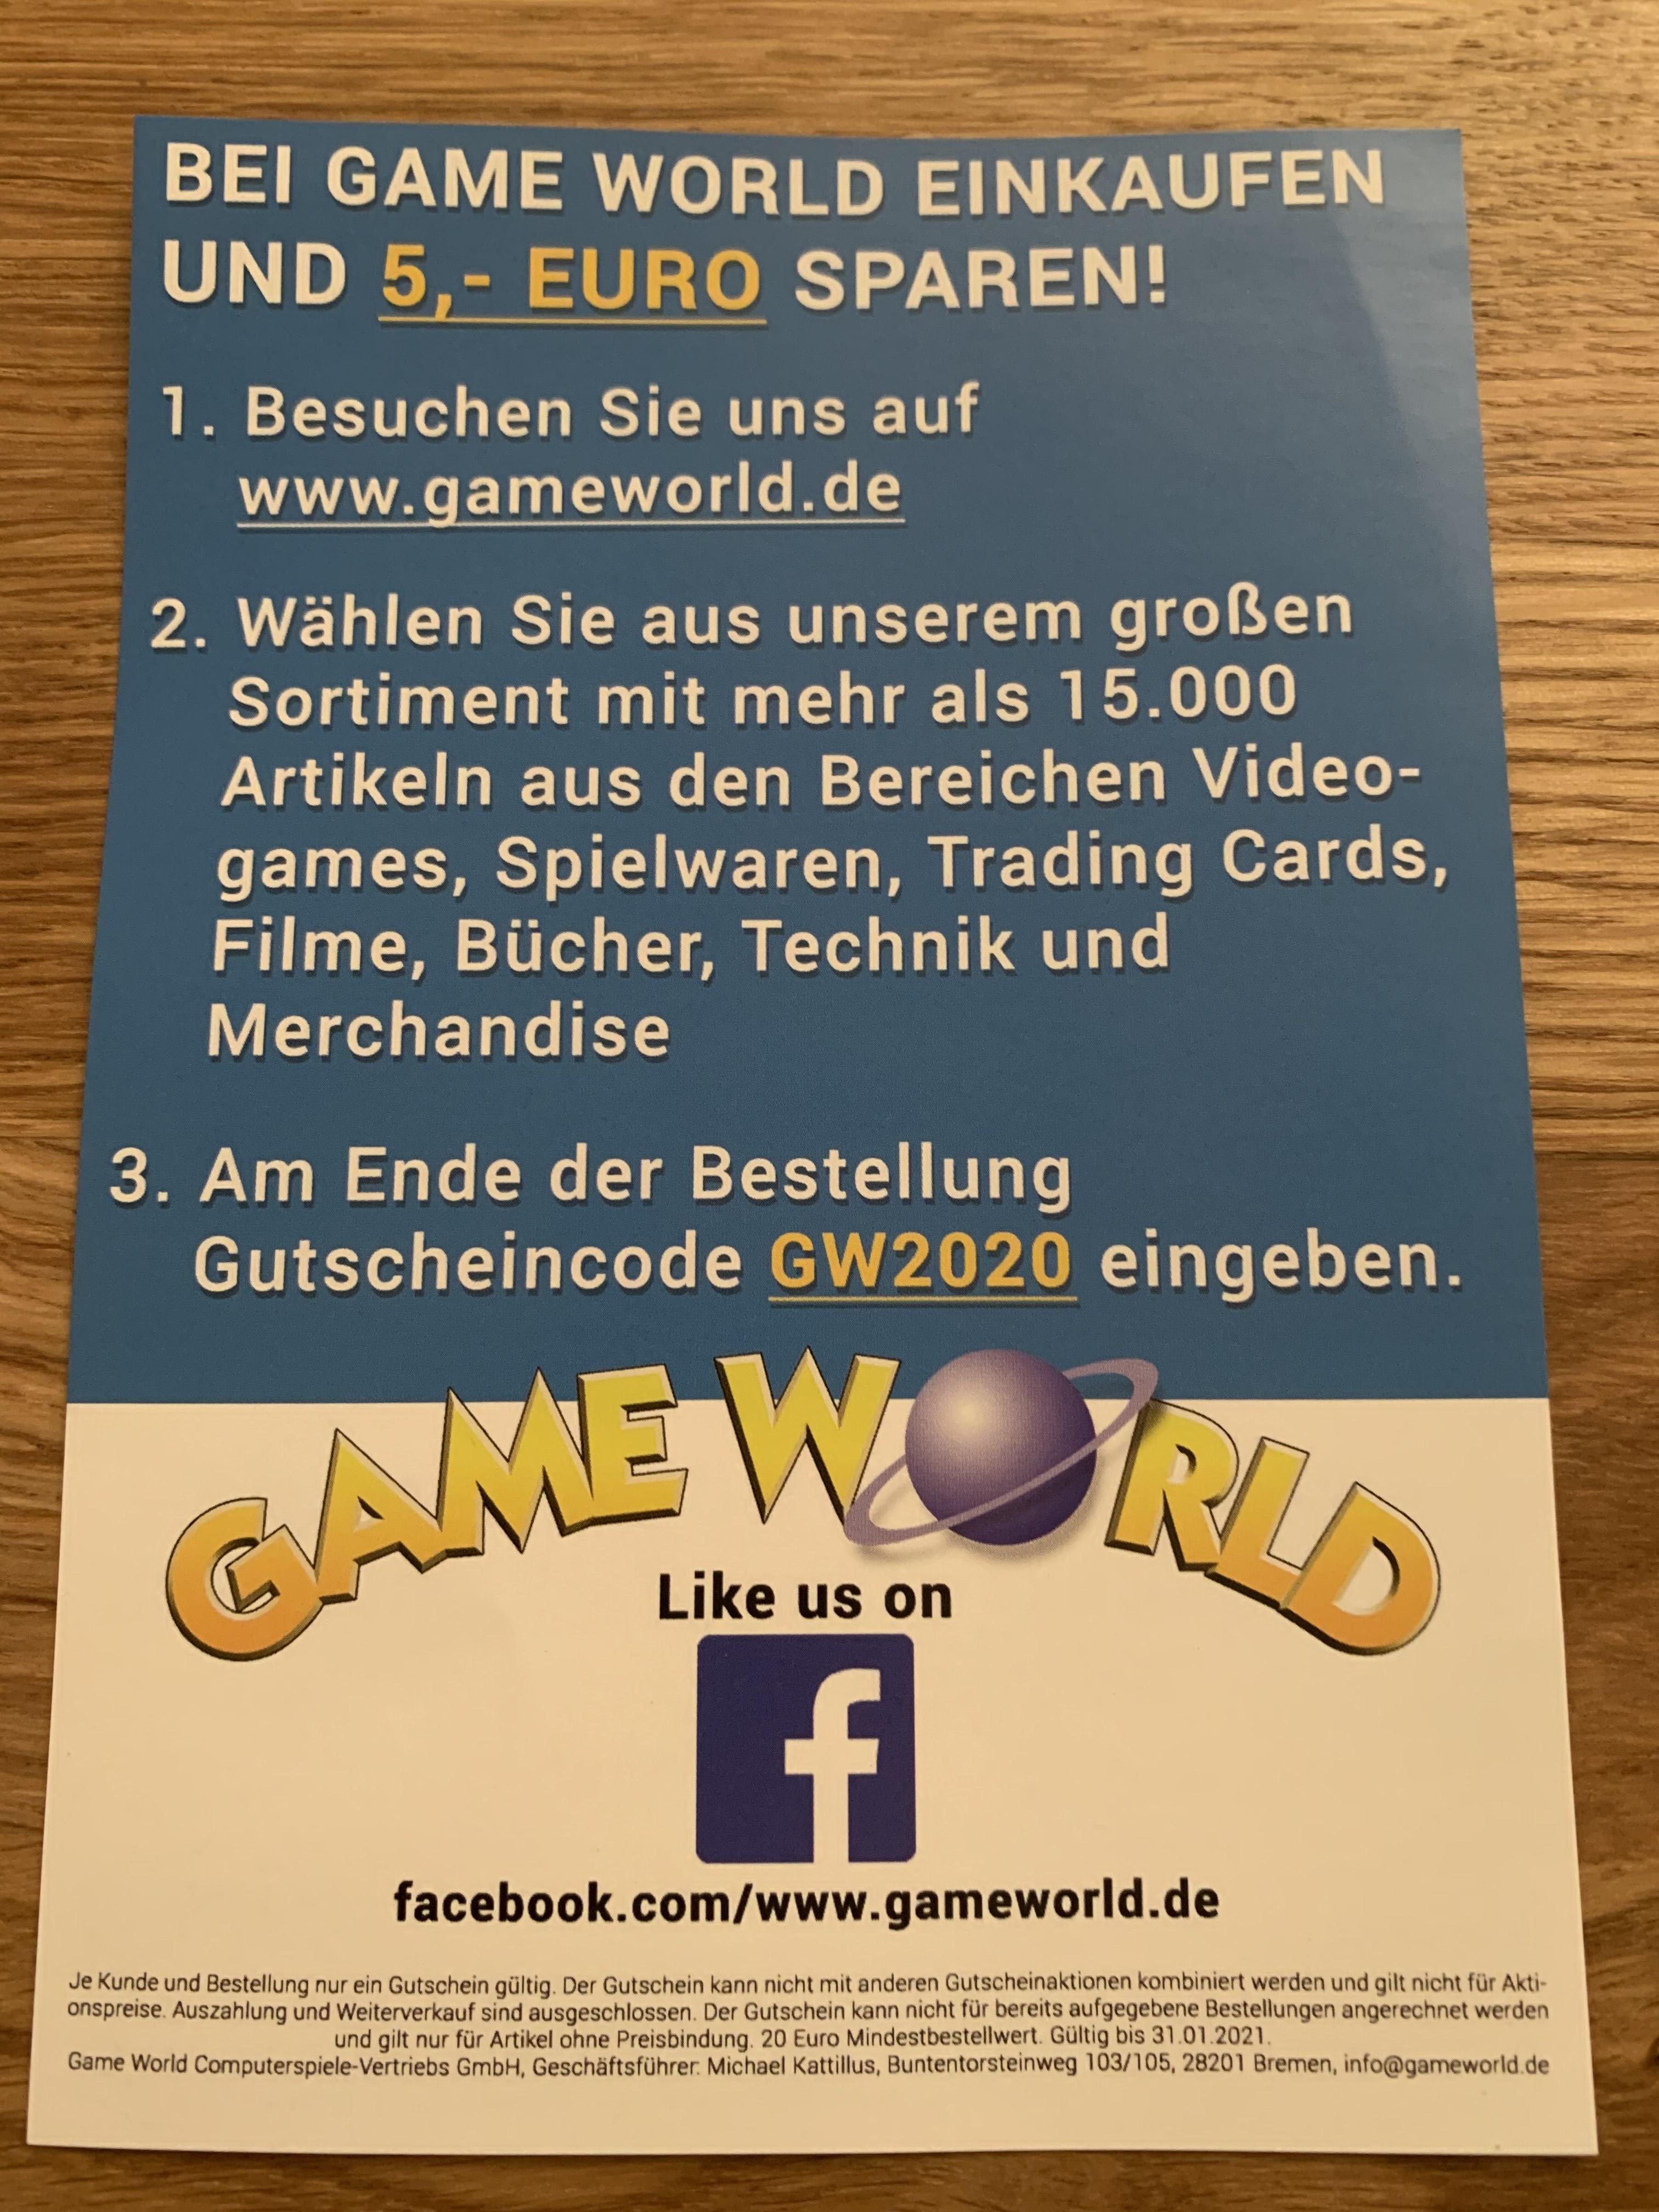 5€ Gutschein ab 20€ MBW bei Gameworld.de